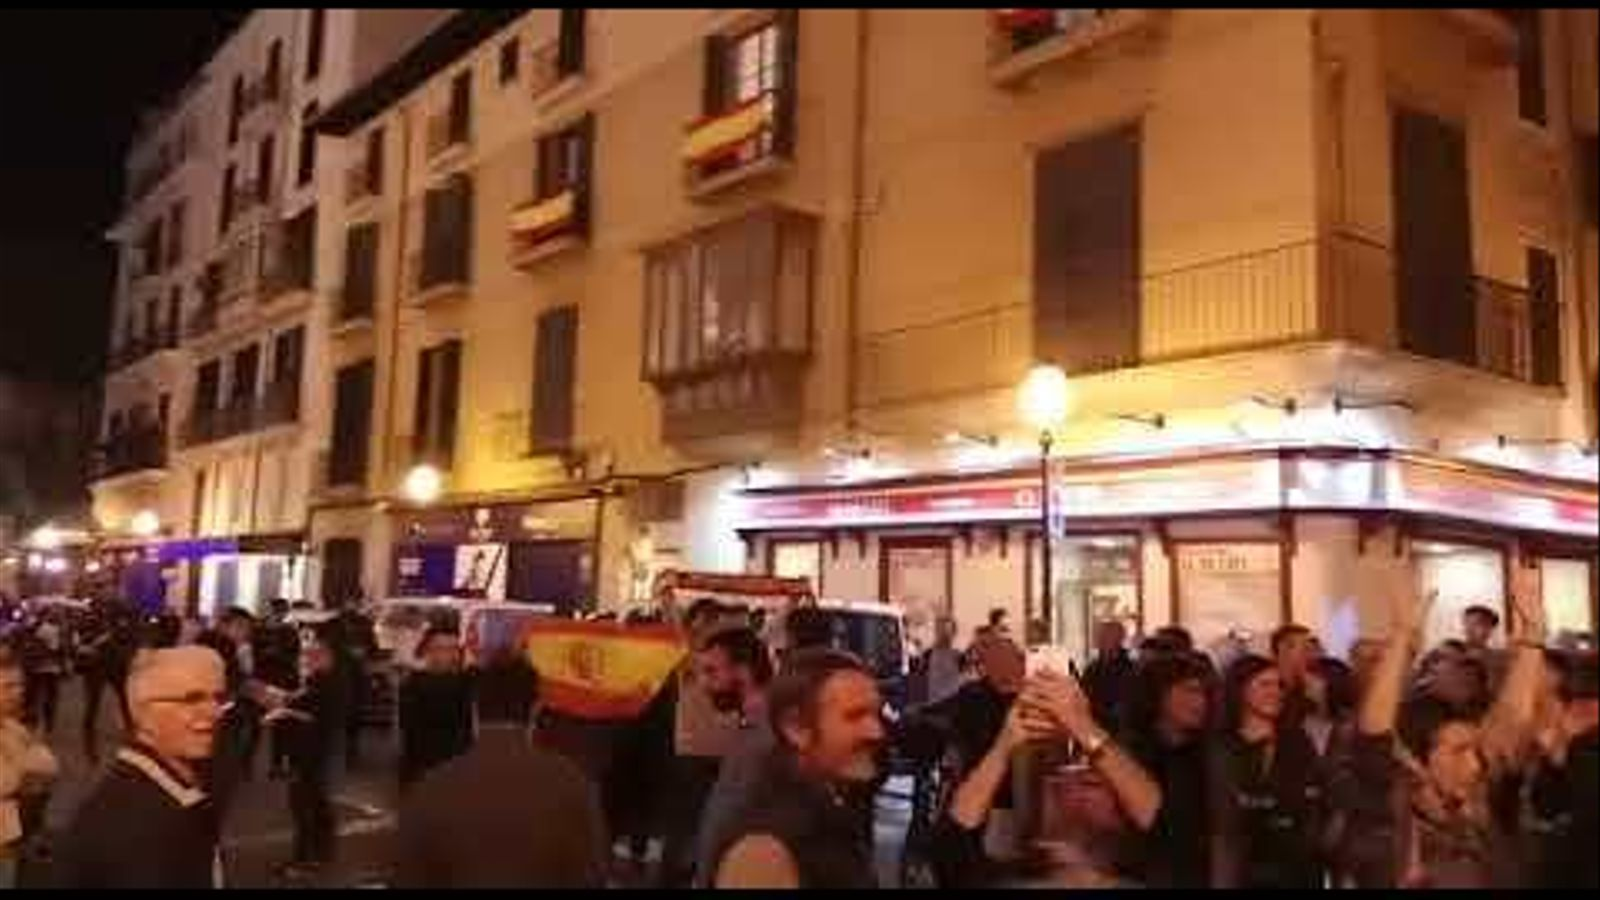 Crits de 'Viva España!' rompen el silenci a la plaça de Cort.